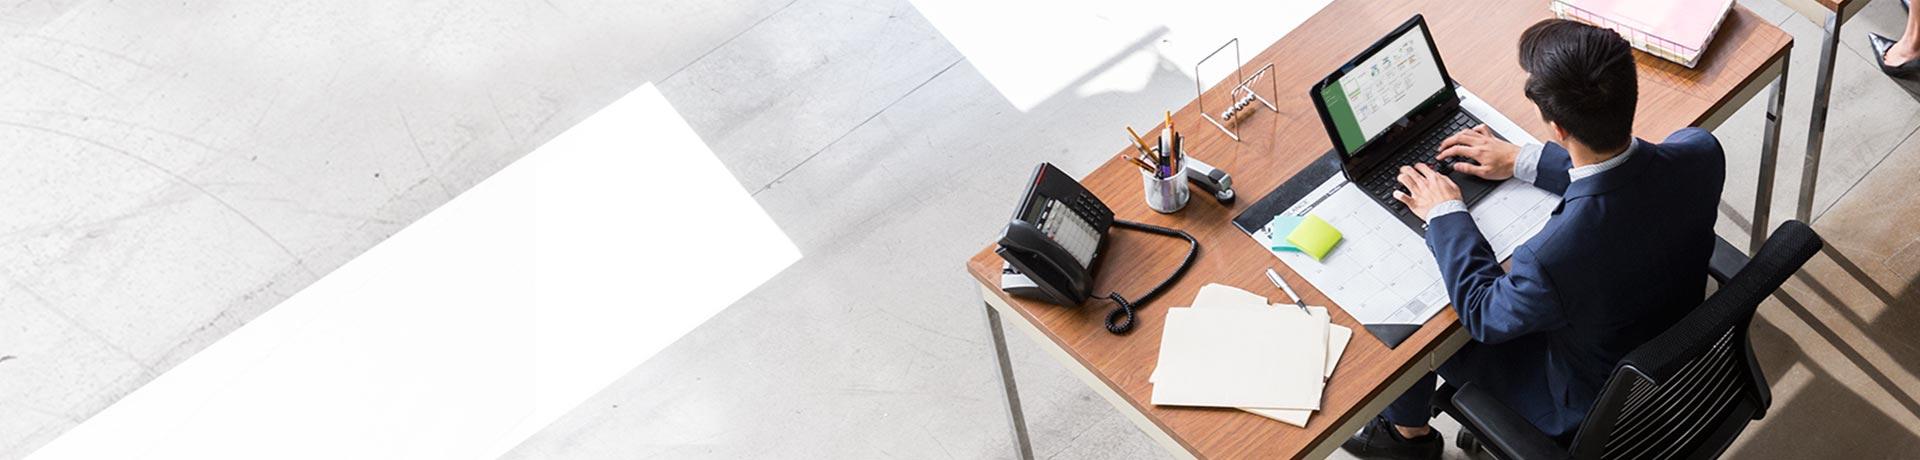 Uomo alla scrivania in ufficio che lavora a un file di Microsoft Project su un laptop.